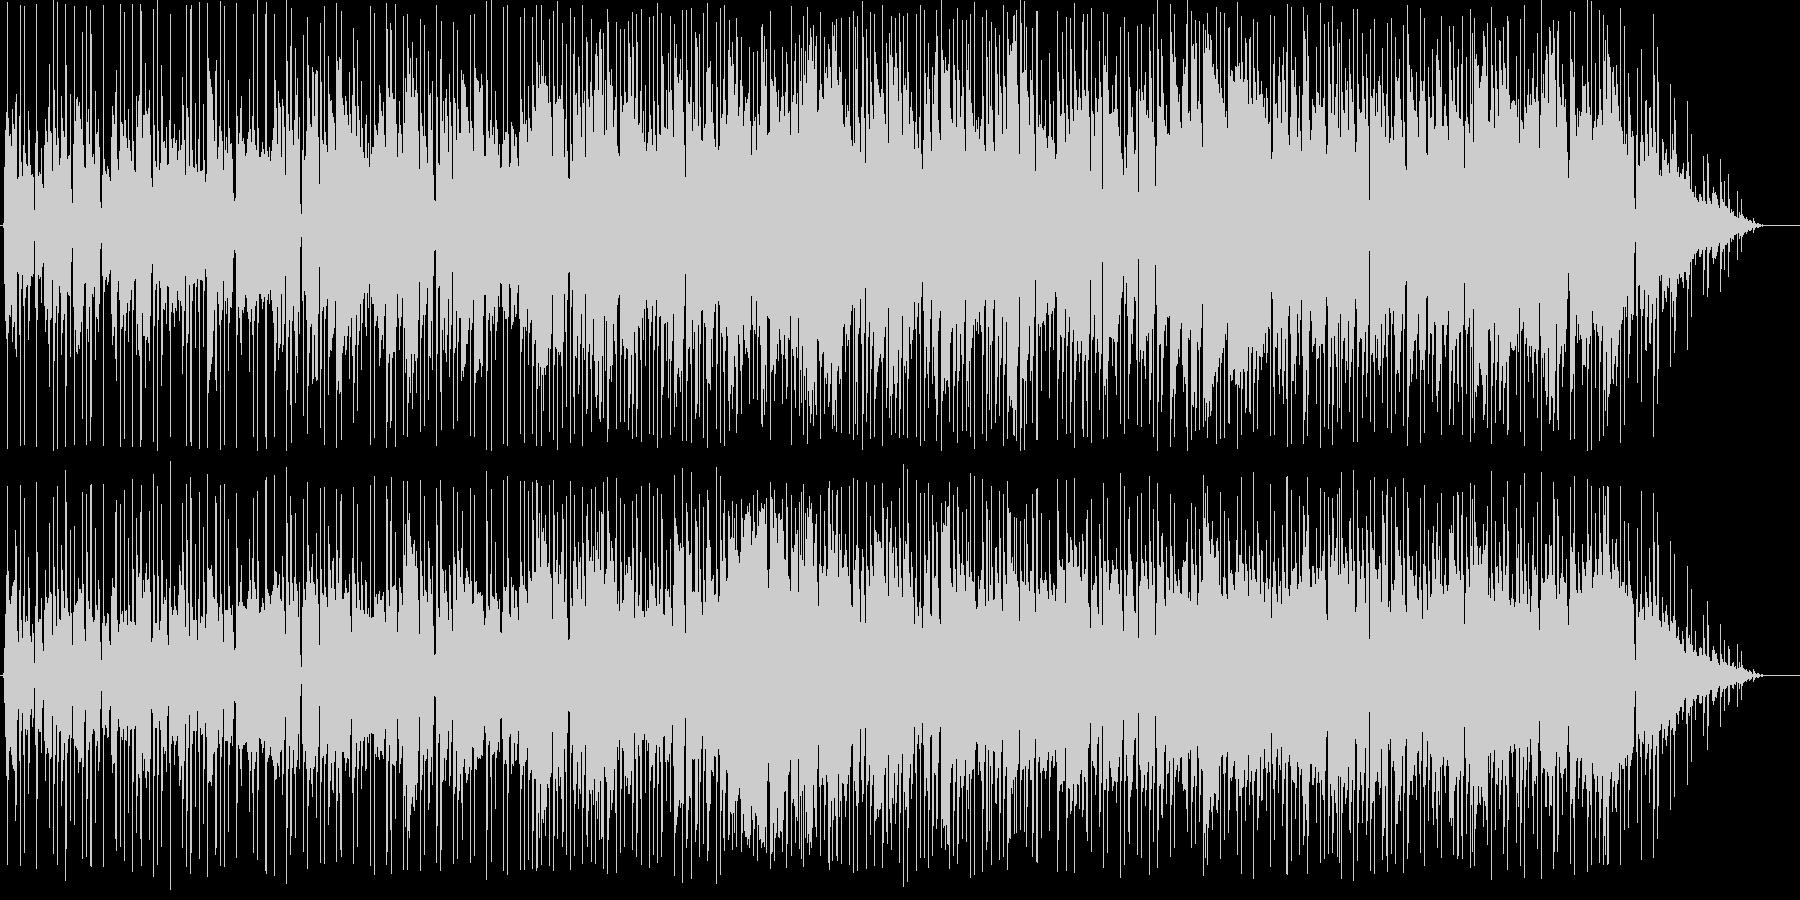 少しジャズの雰囲気がある、ゆったりとし…の未再生の波形